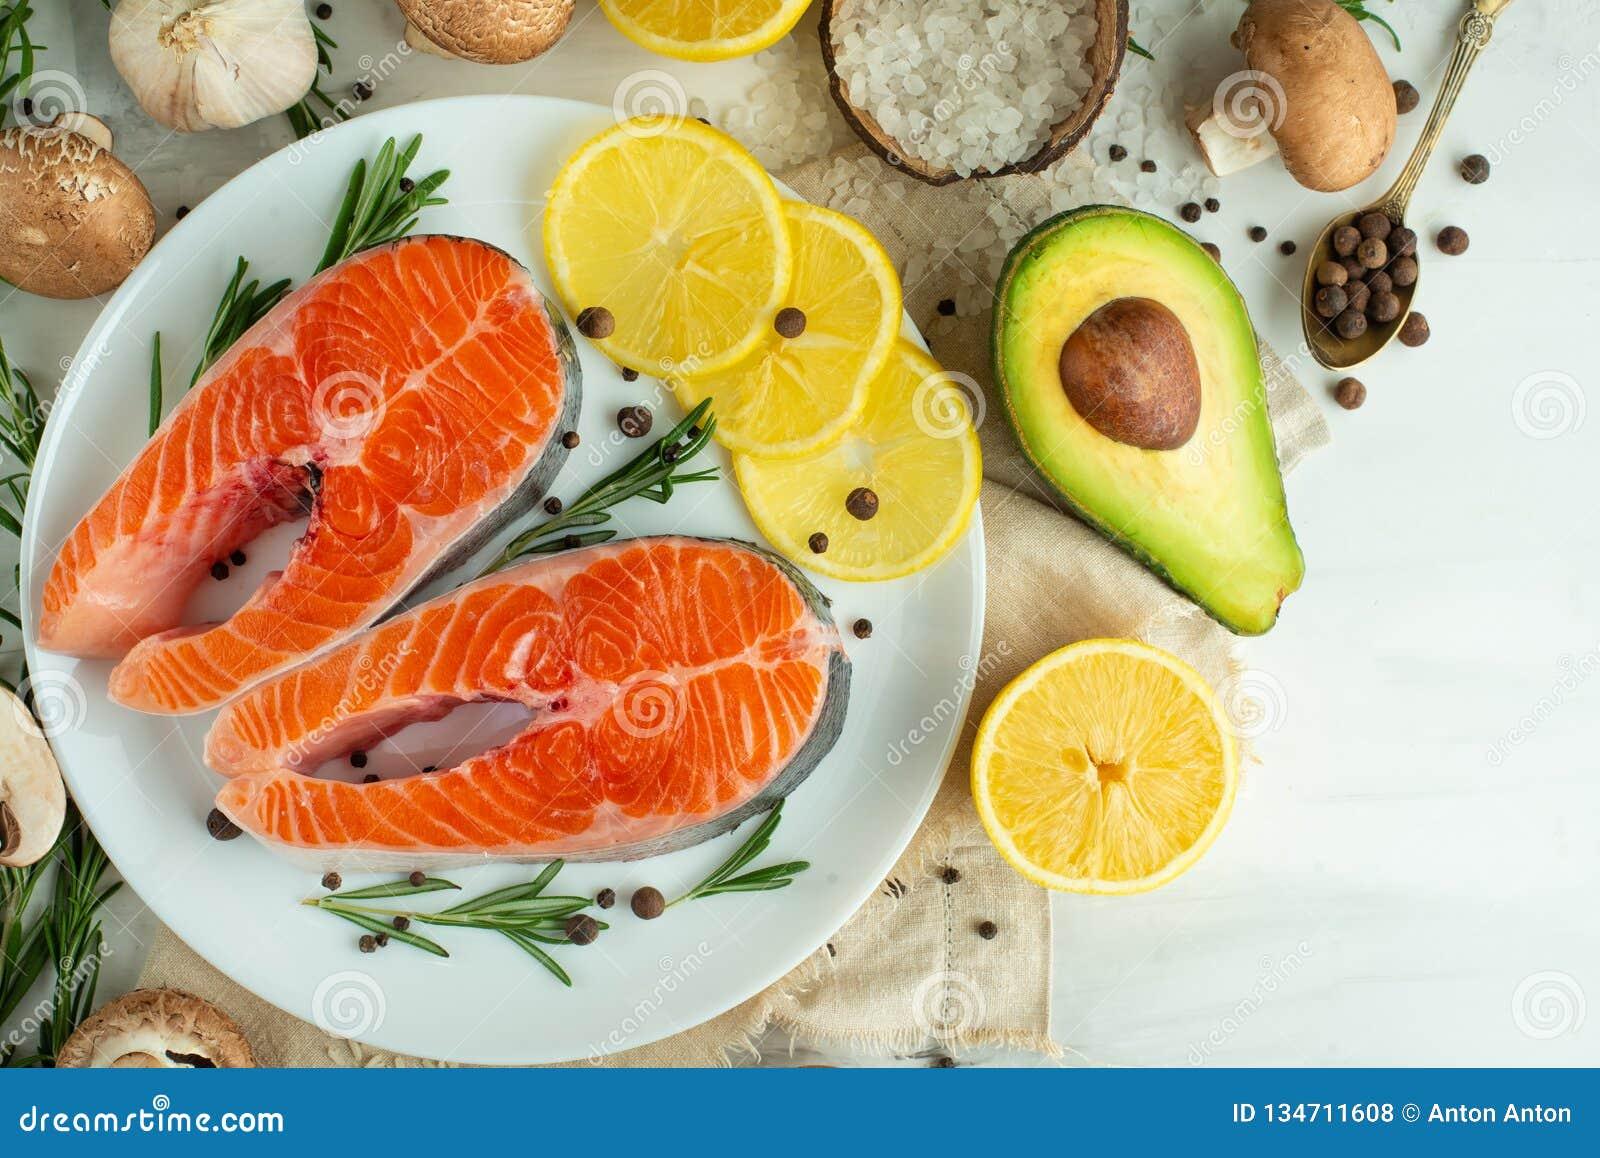 Εύγευστες φρέσκες μπριζόλες ψαριών, σολομός, πέστροφα Με τα λαχανικά, το deli, τα vegan τρόφιμα, τη διατροφή και Dotex